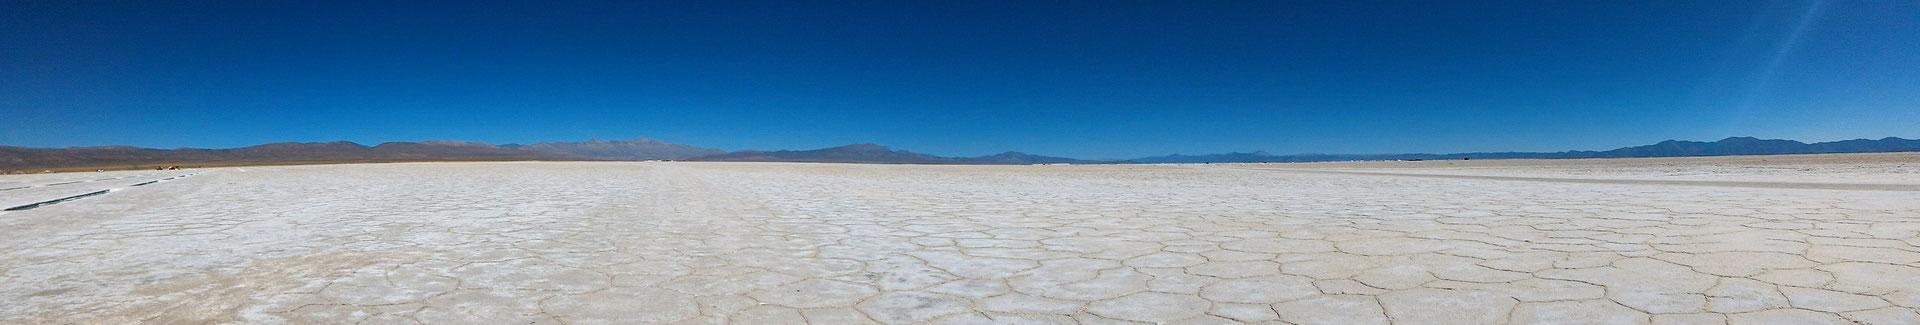 LES SALINES GRANDES SUR UN PLATEAU ENTRE 3400 ET 3700M SUR ROUTE NORD SALTA ARGENTINE